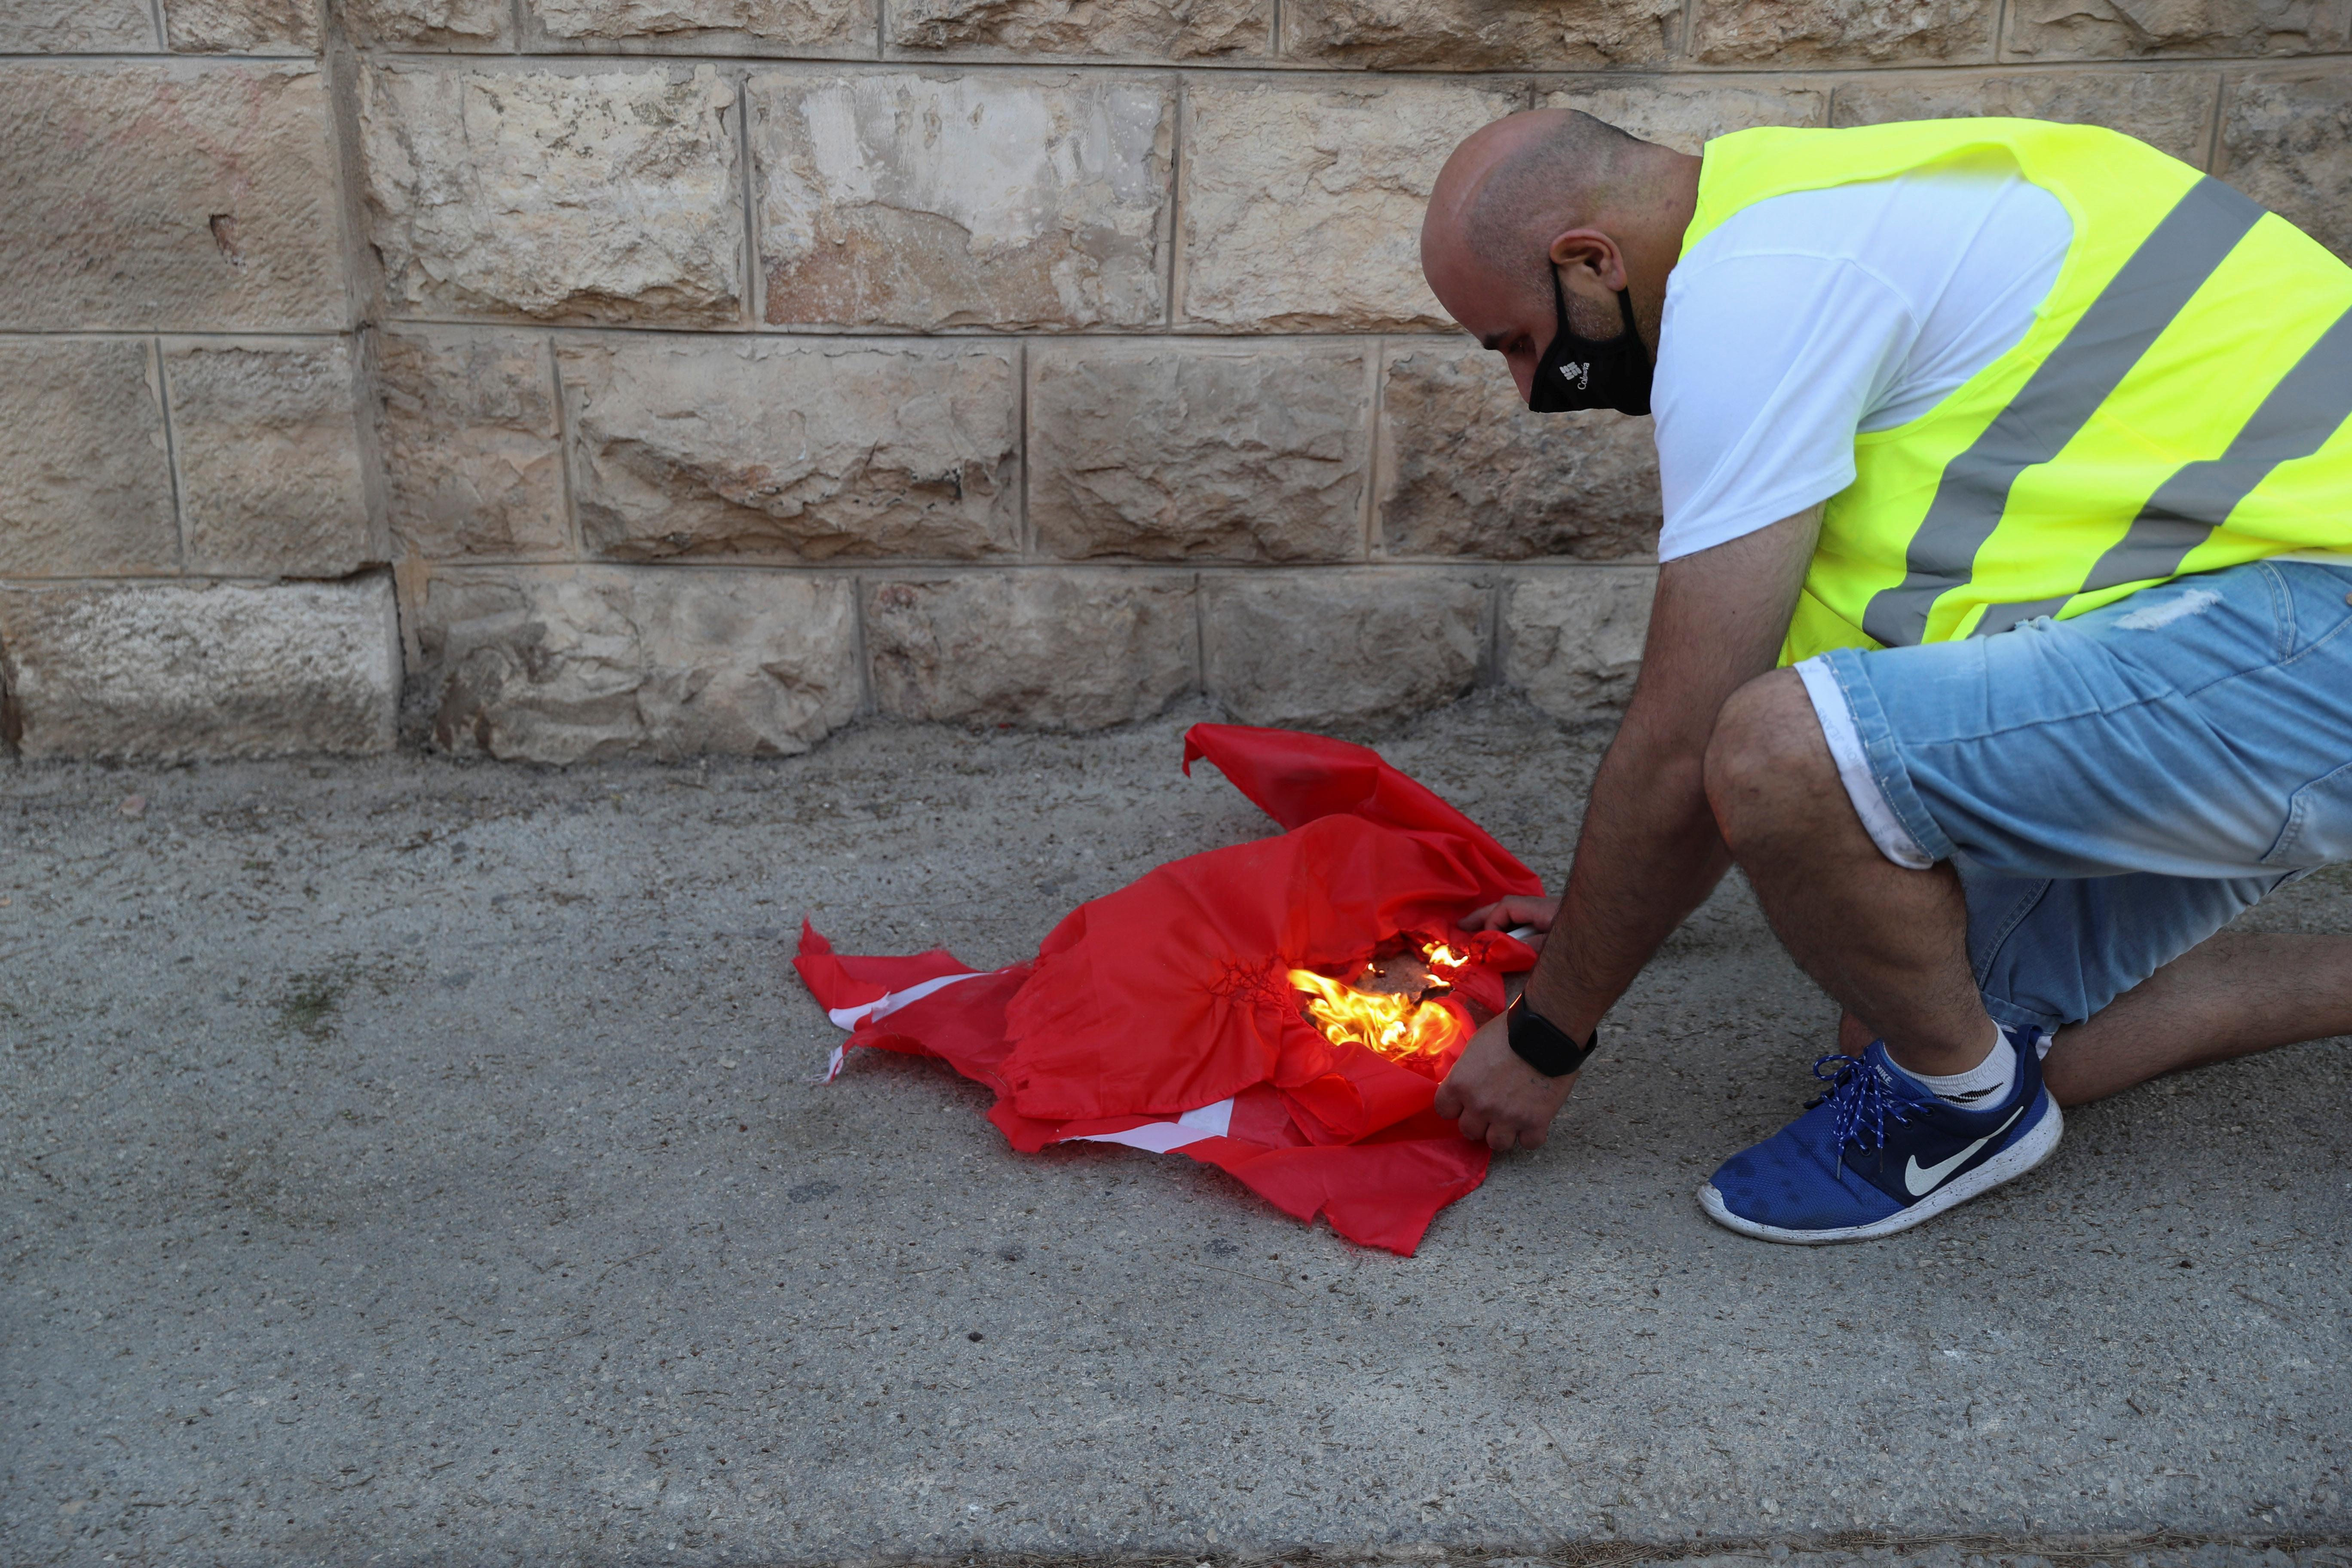 İsrailli gruptan, Türk bayrağına alçak saldırı #3